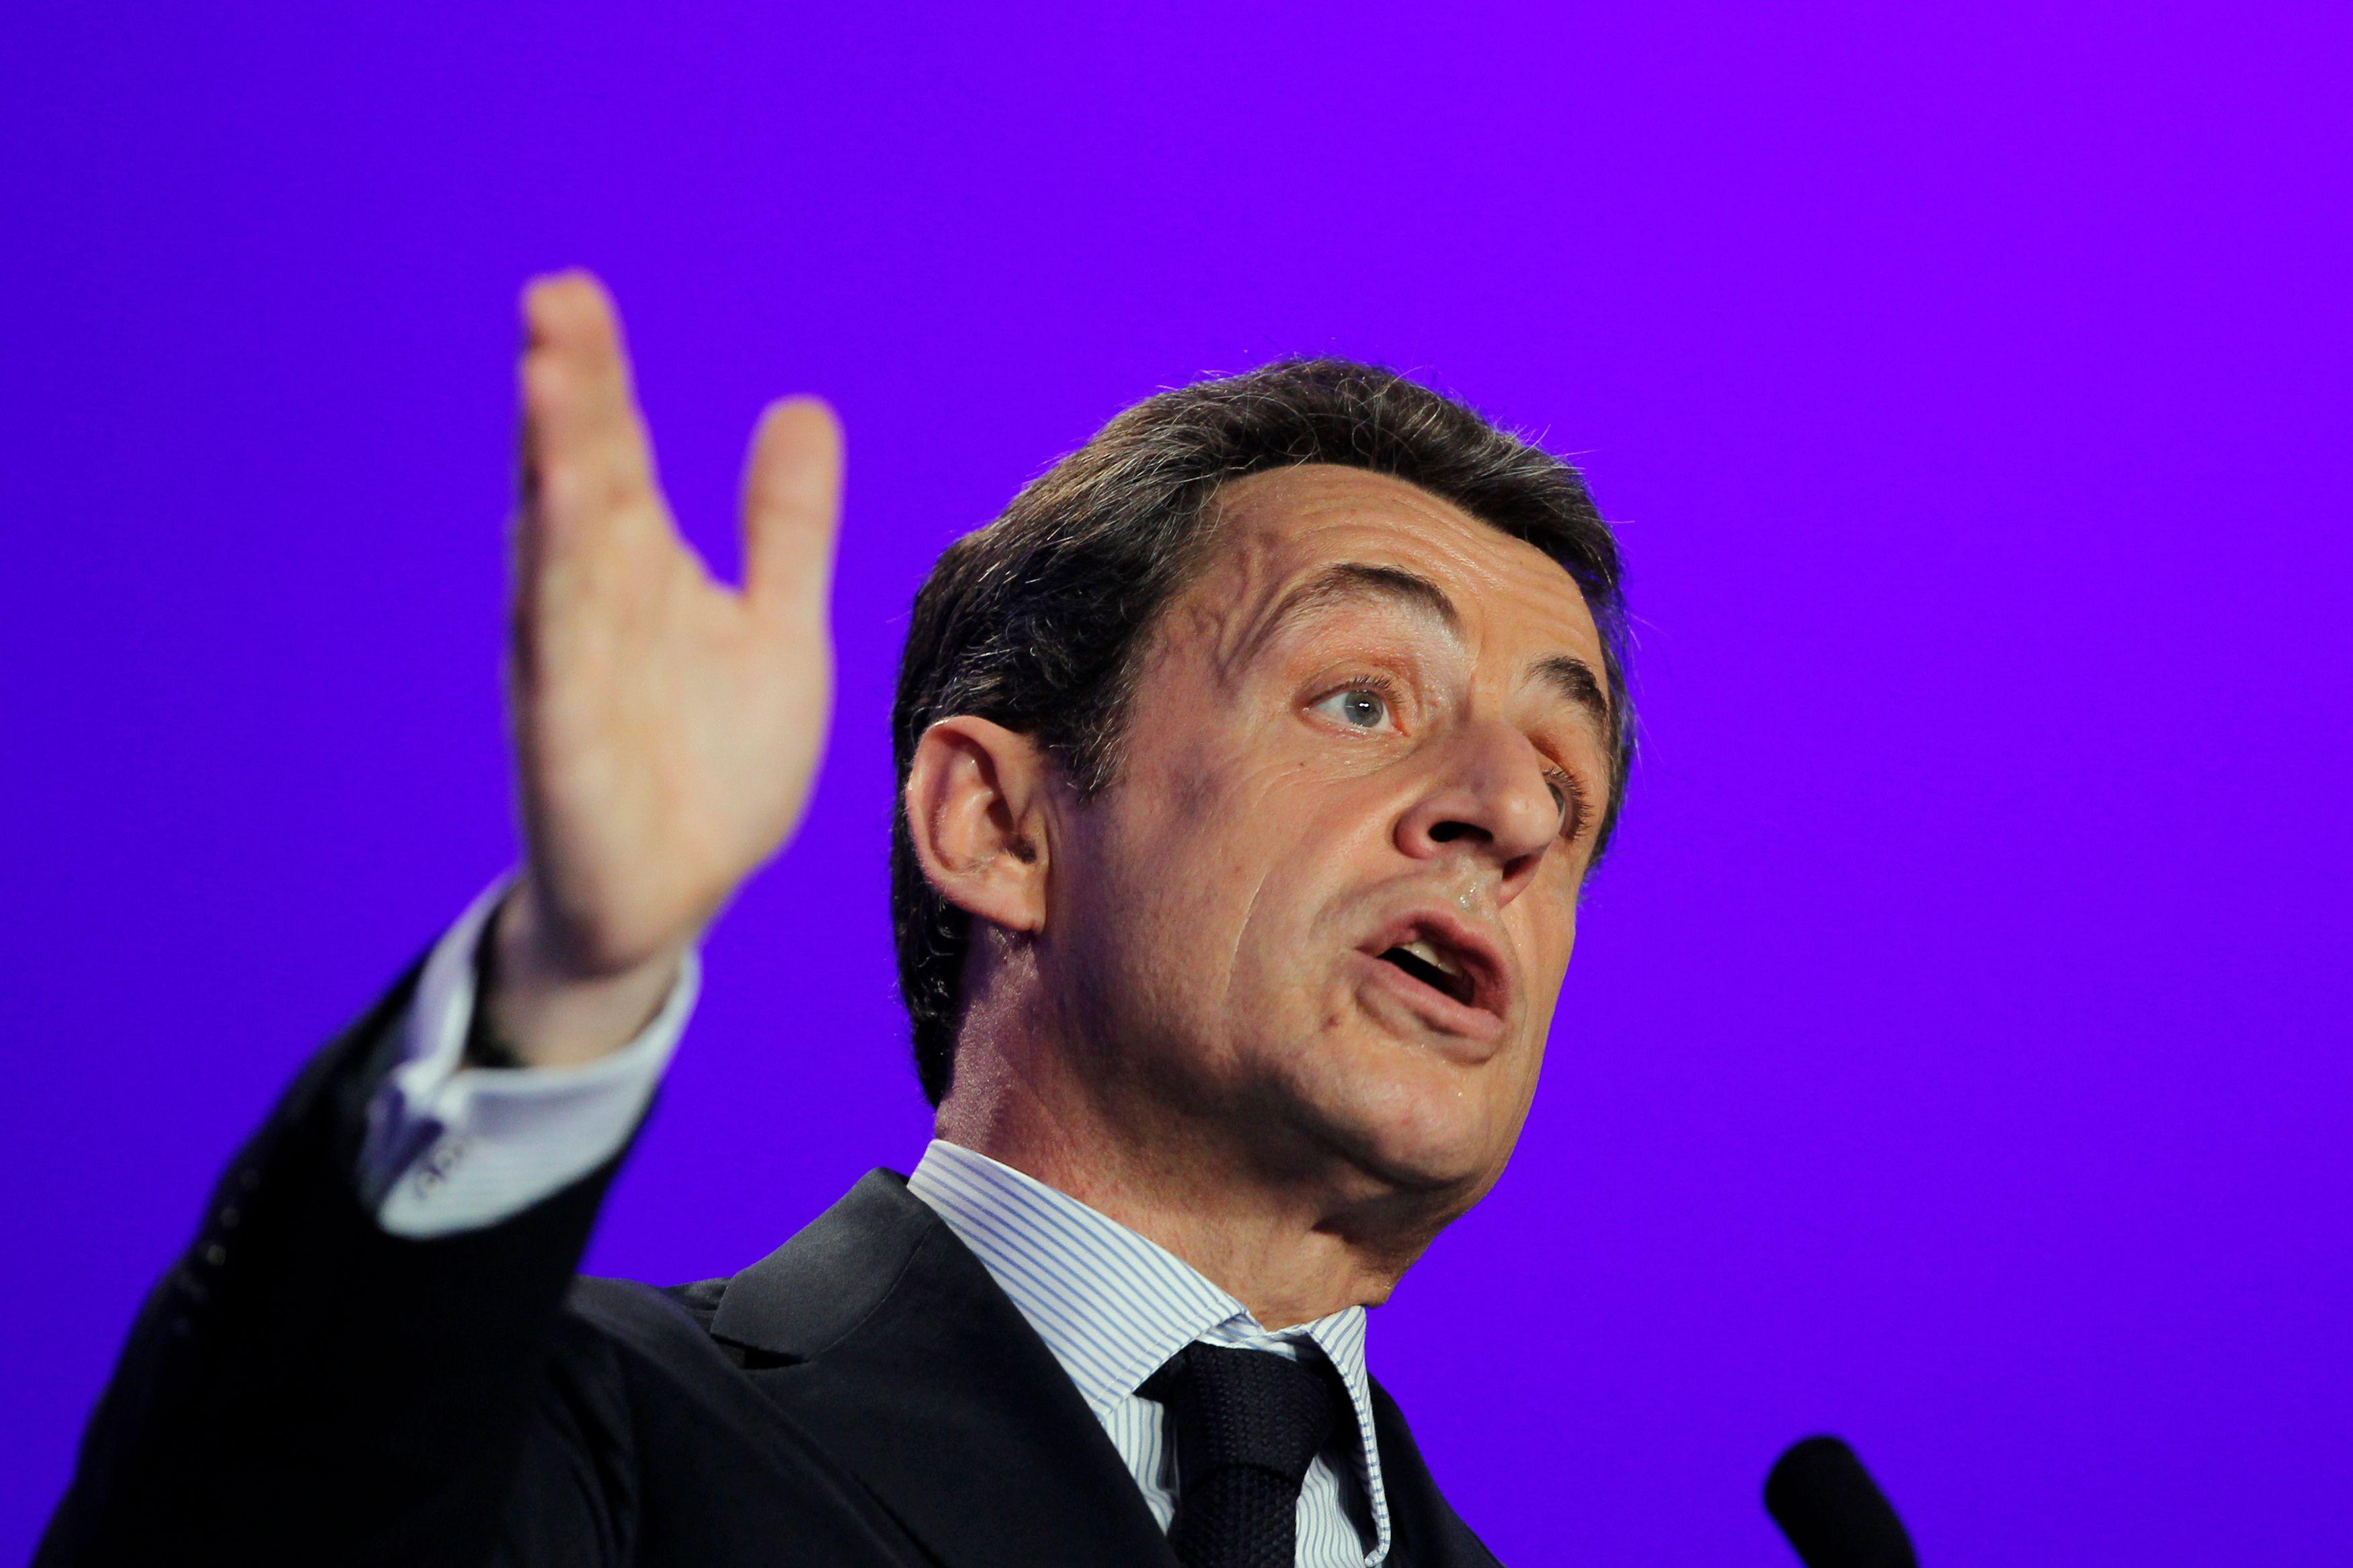 Le placement en garde à vue de Nicolas Sarkozy est un événement unique dans l'histoire de la Vème République.